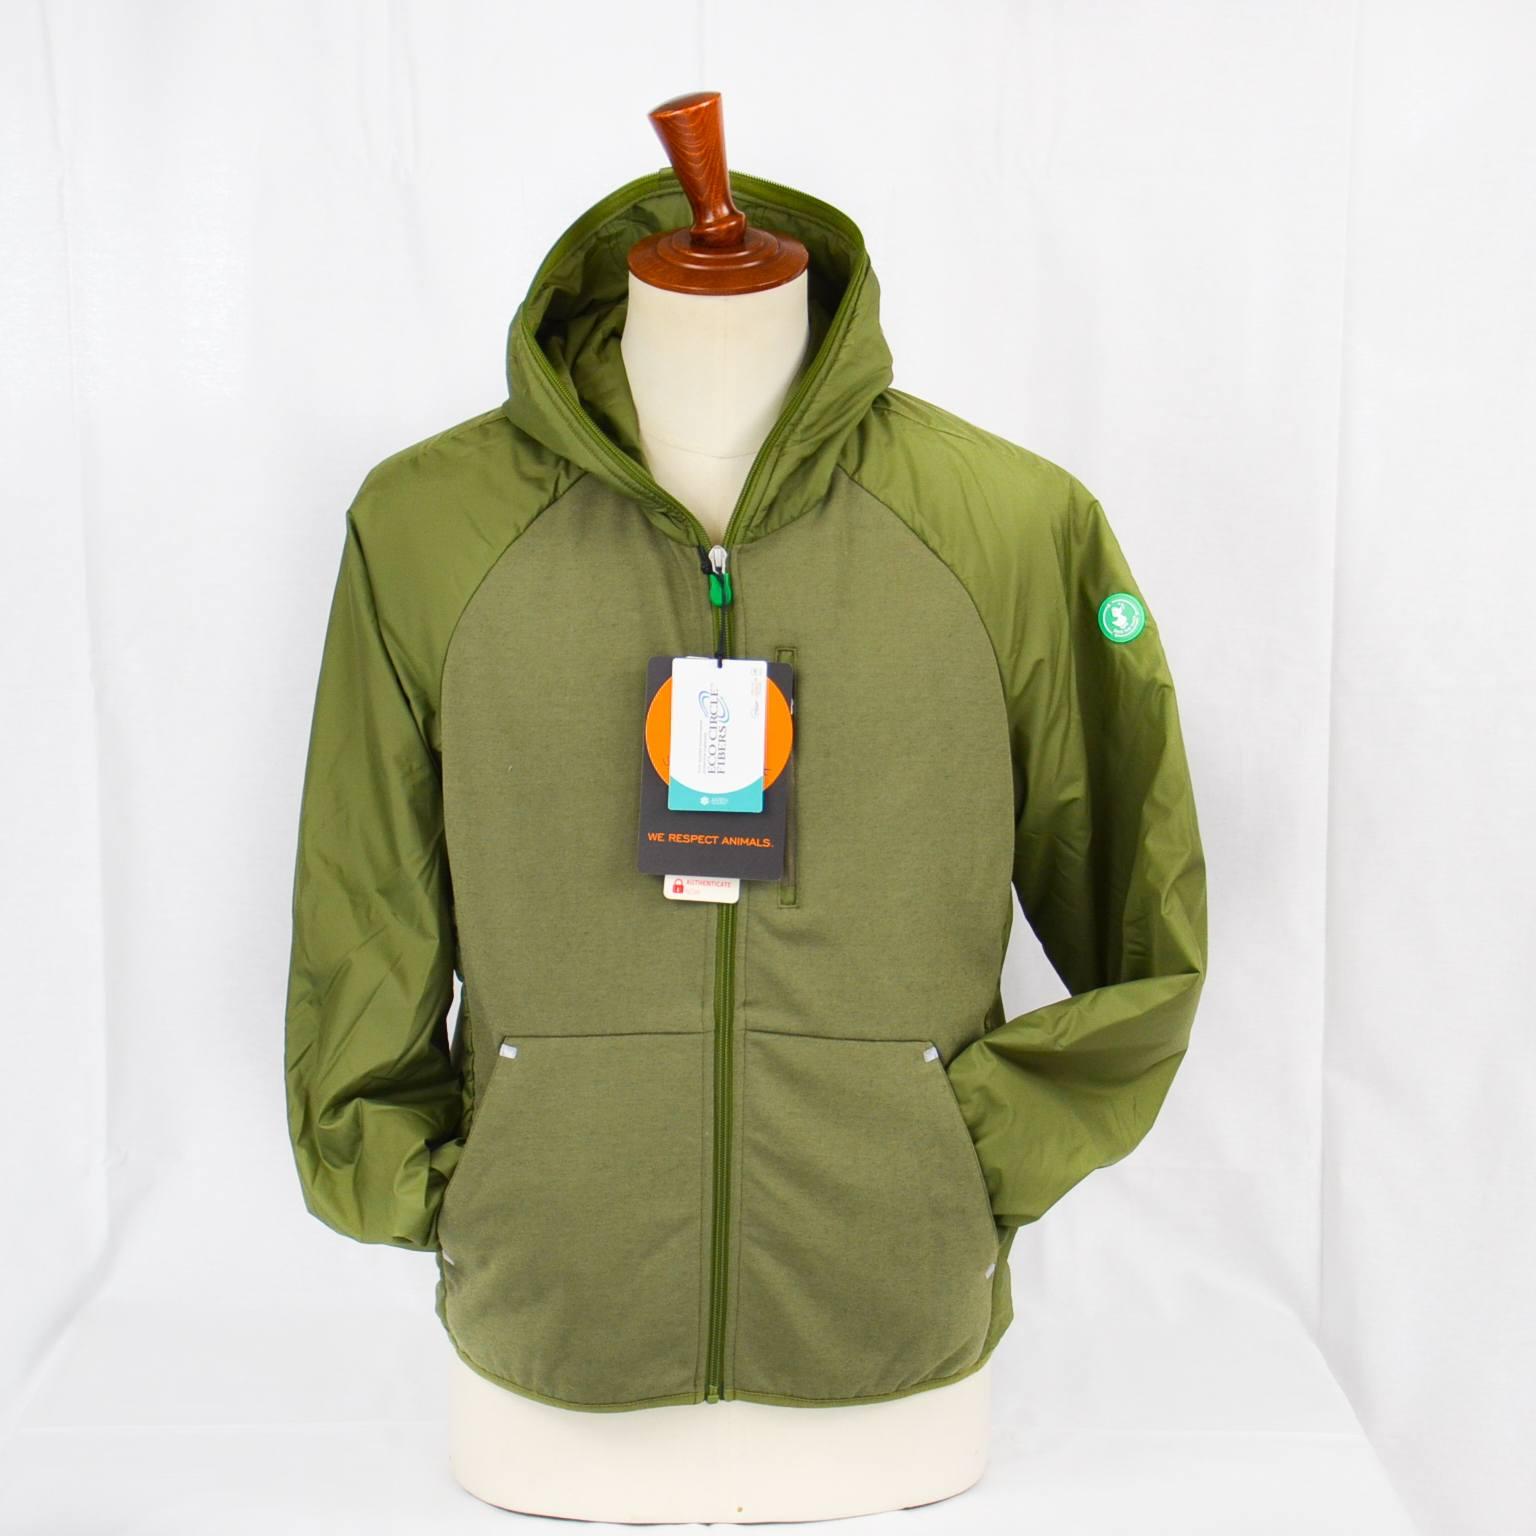 newest a8906 65cbe GIUBBINO VERDE Save The Duck - Sabi Abbigliamento